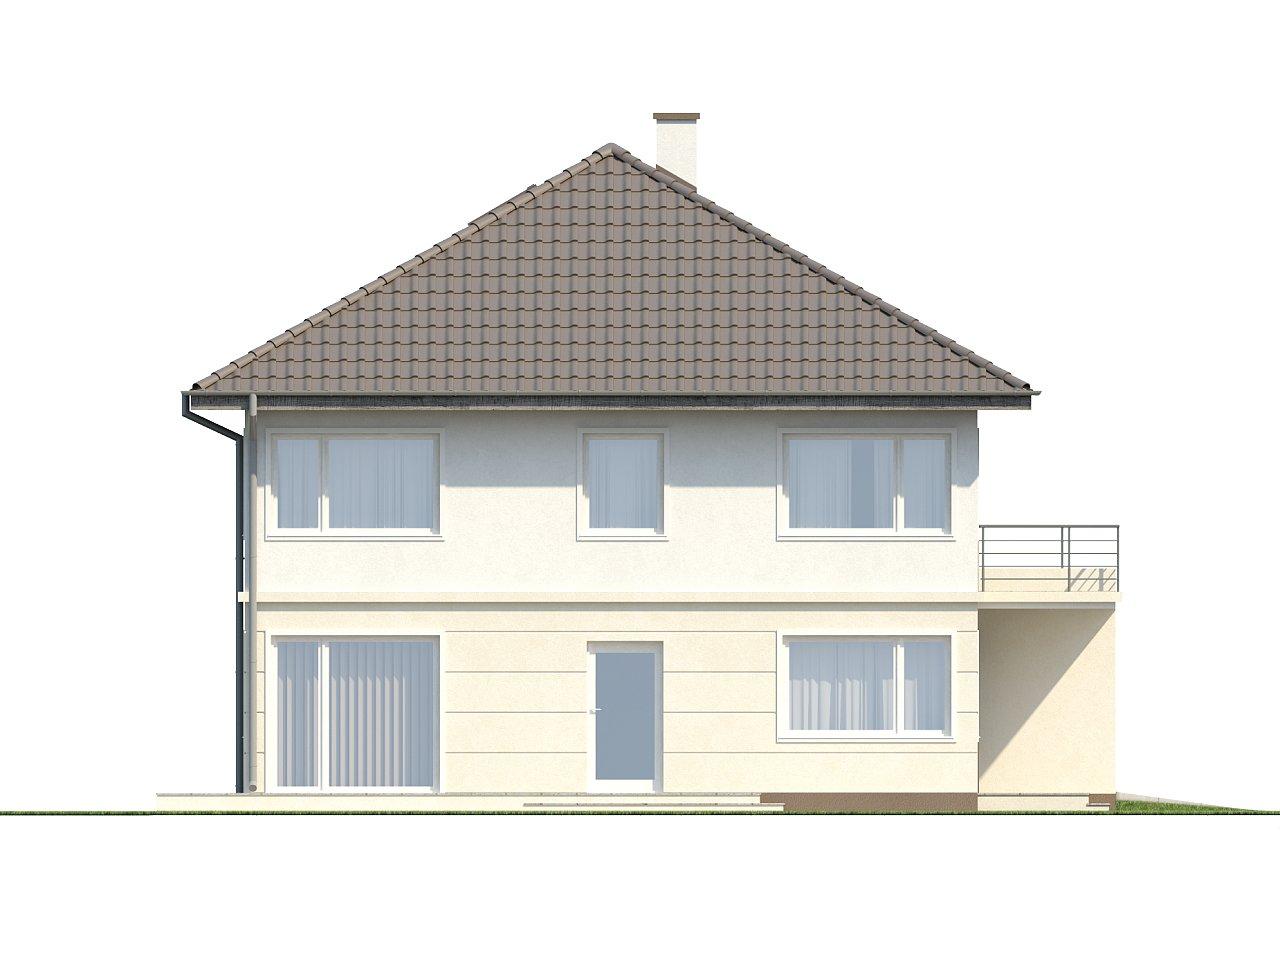 Просторный двухэтажный дом простой формы с террасой над гаражом. - фото 9